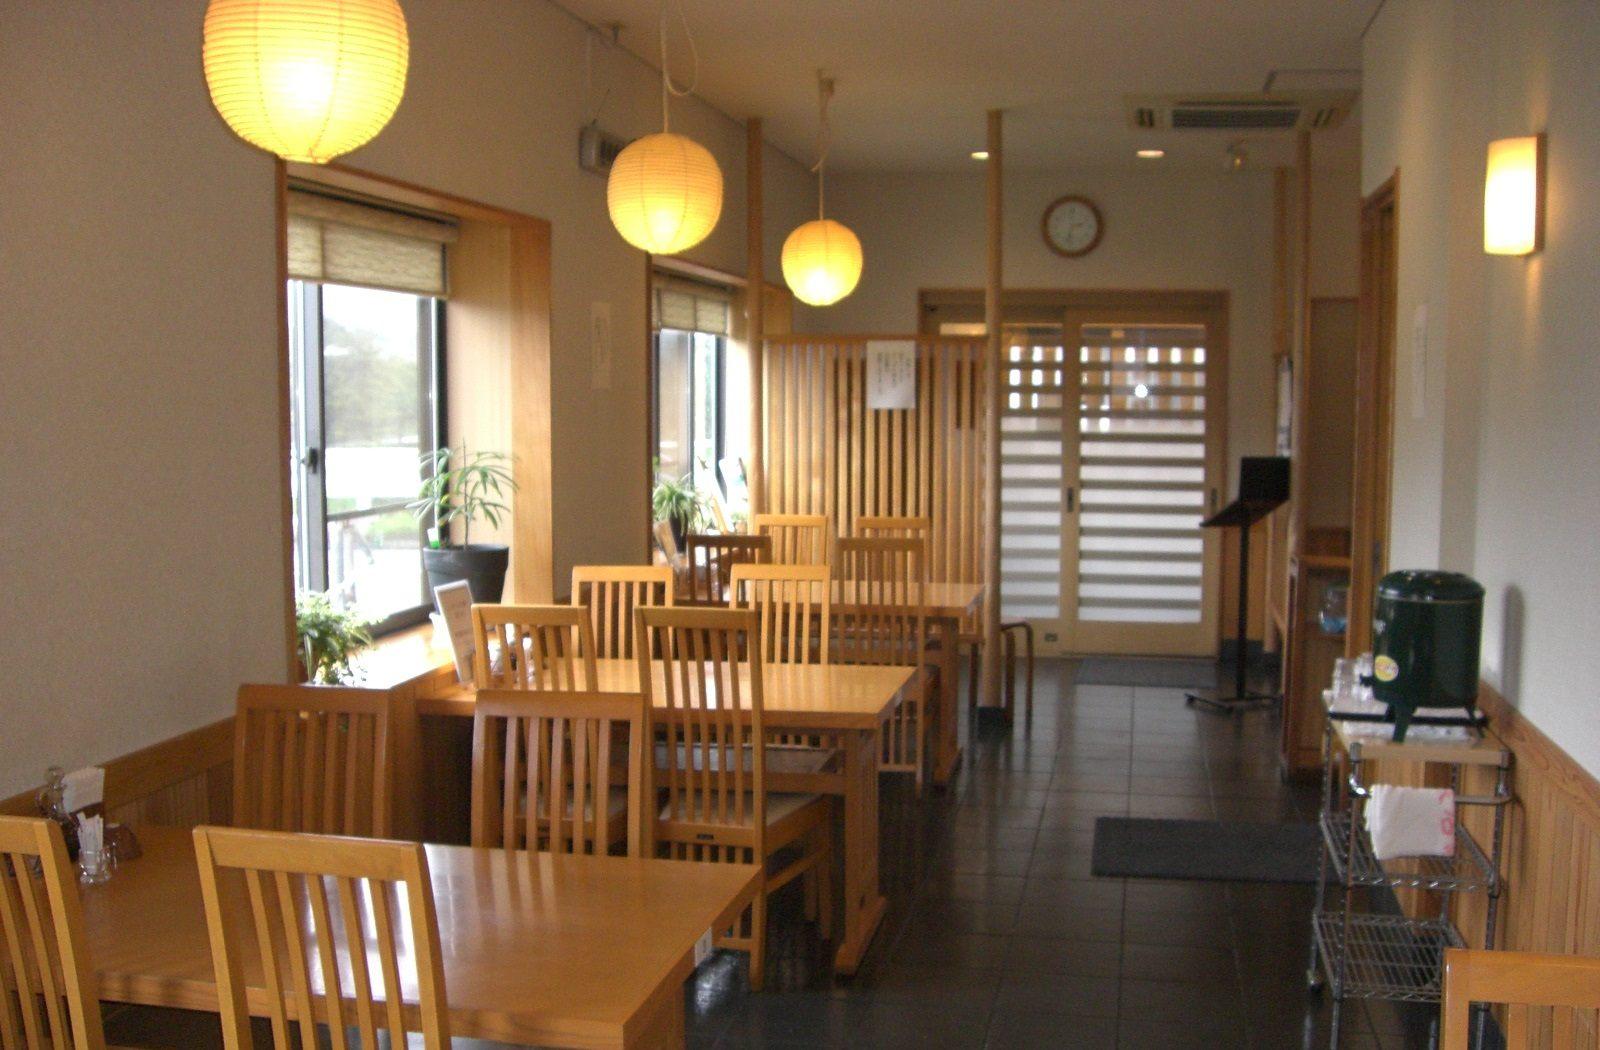 ภายในร้านมีบรรยากาศสว่างสดใส โดยมีทั้งที่นั่งแบบโต๊ะและแบบเบาะที่ได้บรรยากาศ